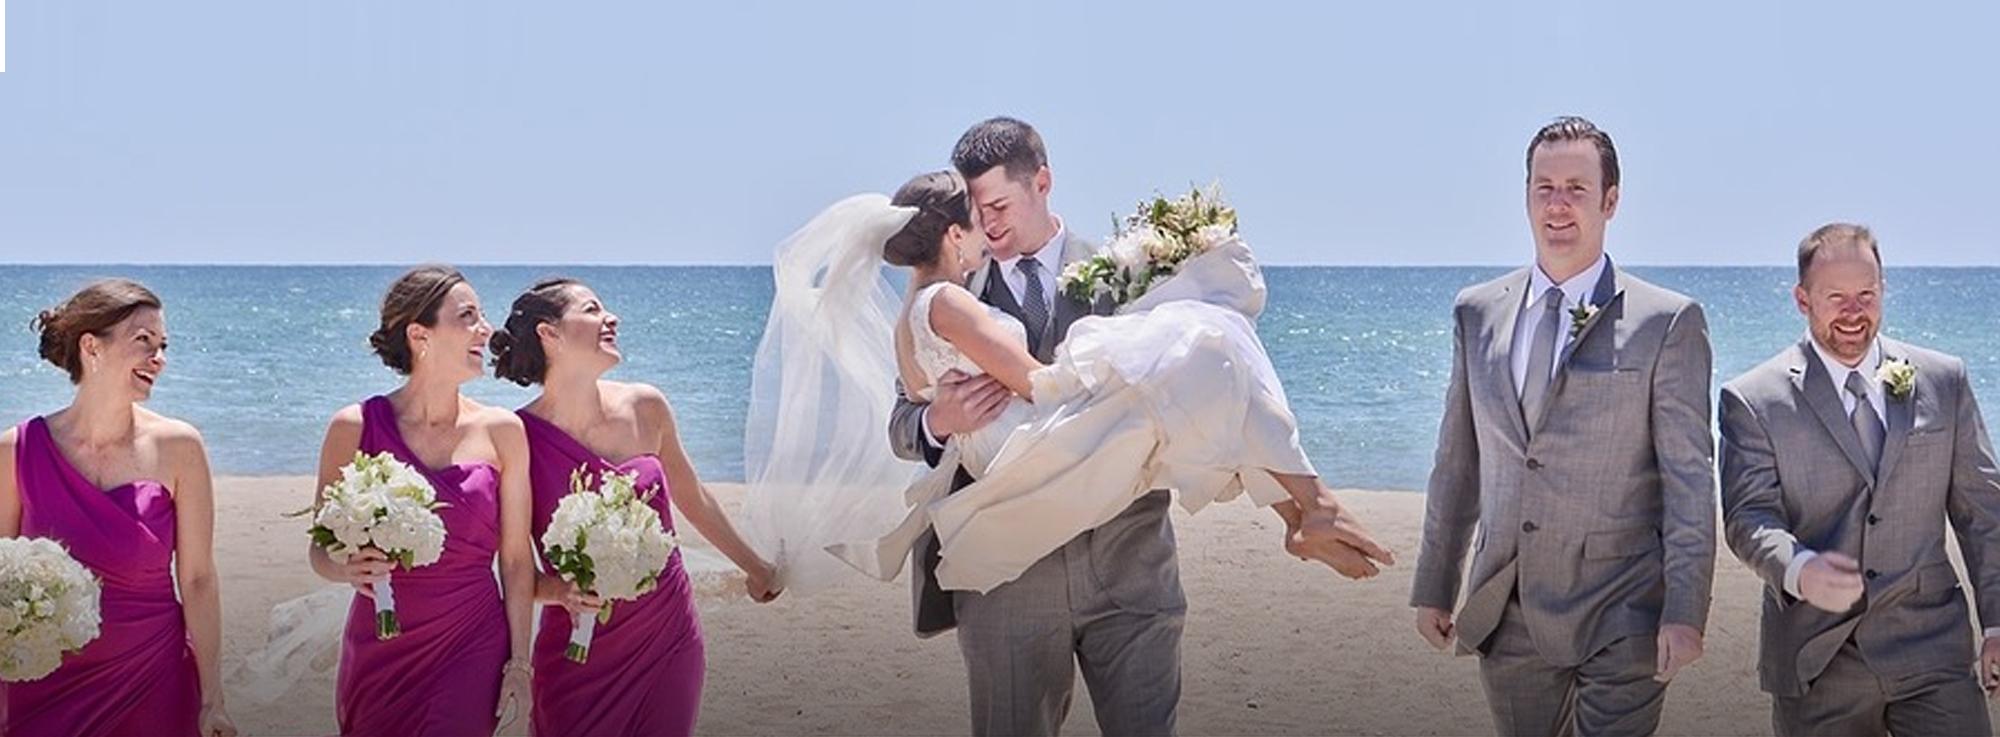 Matrimonio Civile In Spiaggia Puglia : Celebrare il proprio matrimonio in puglia